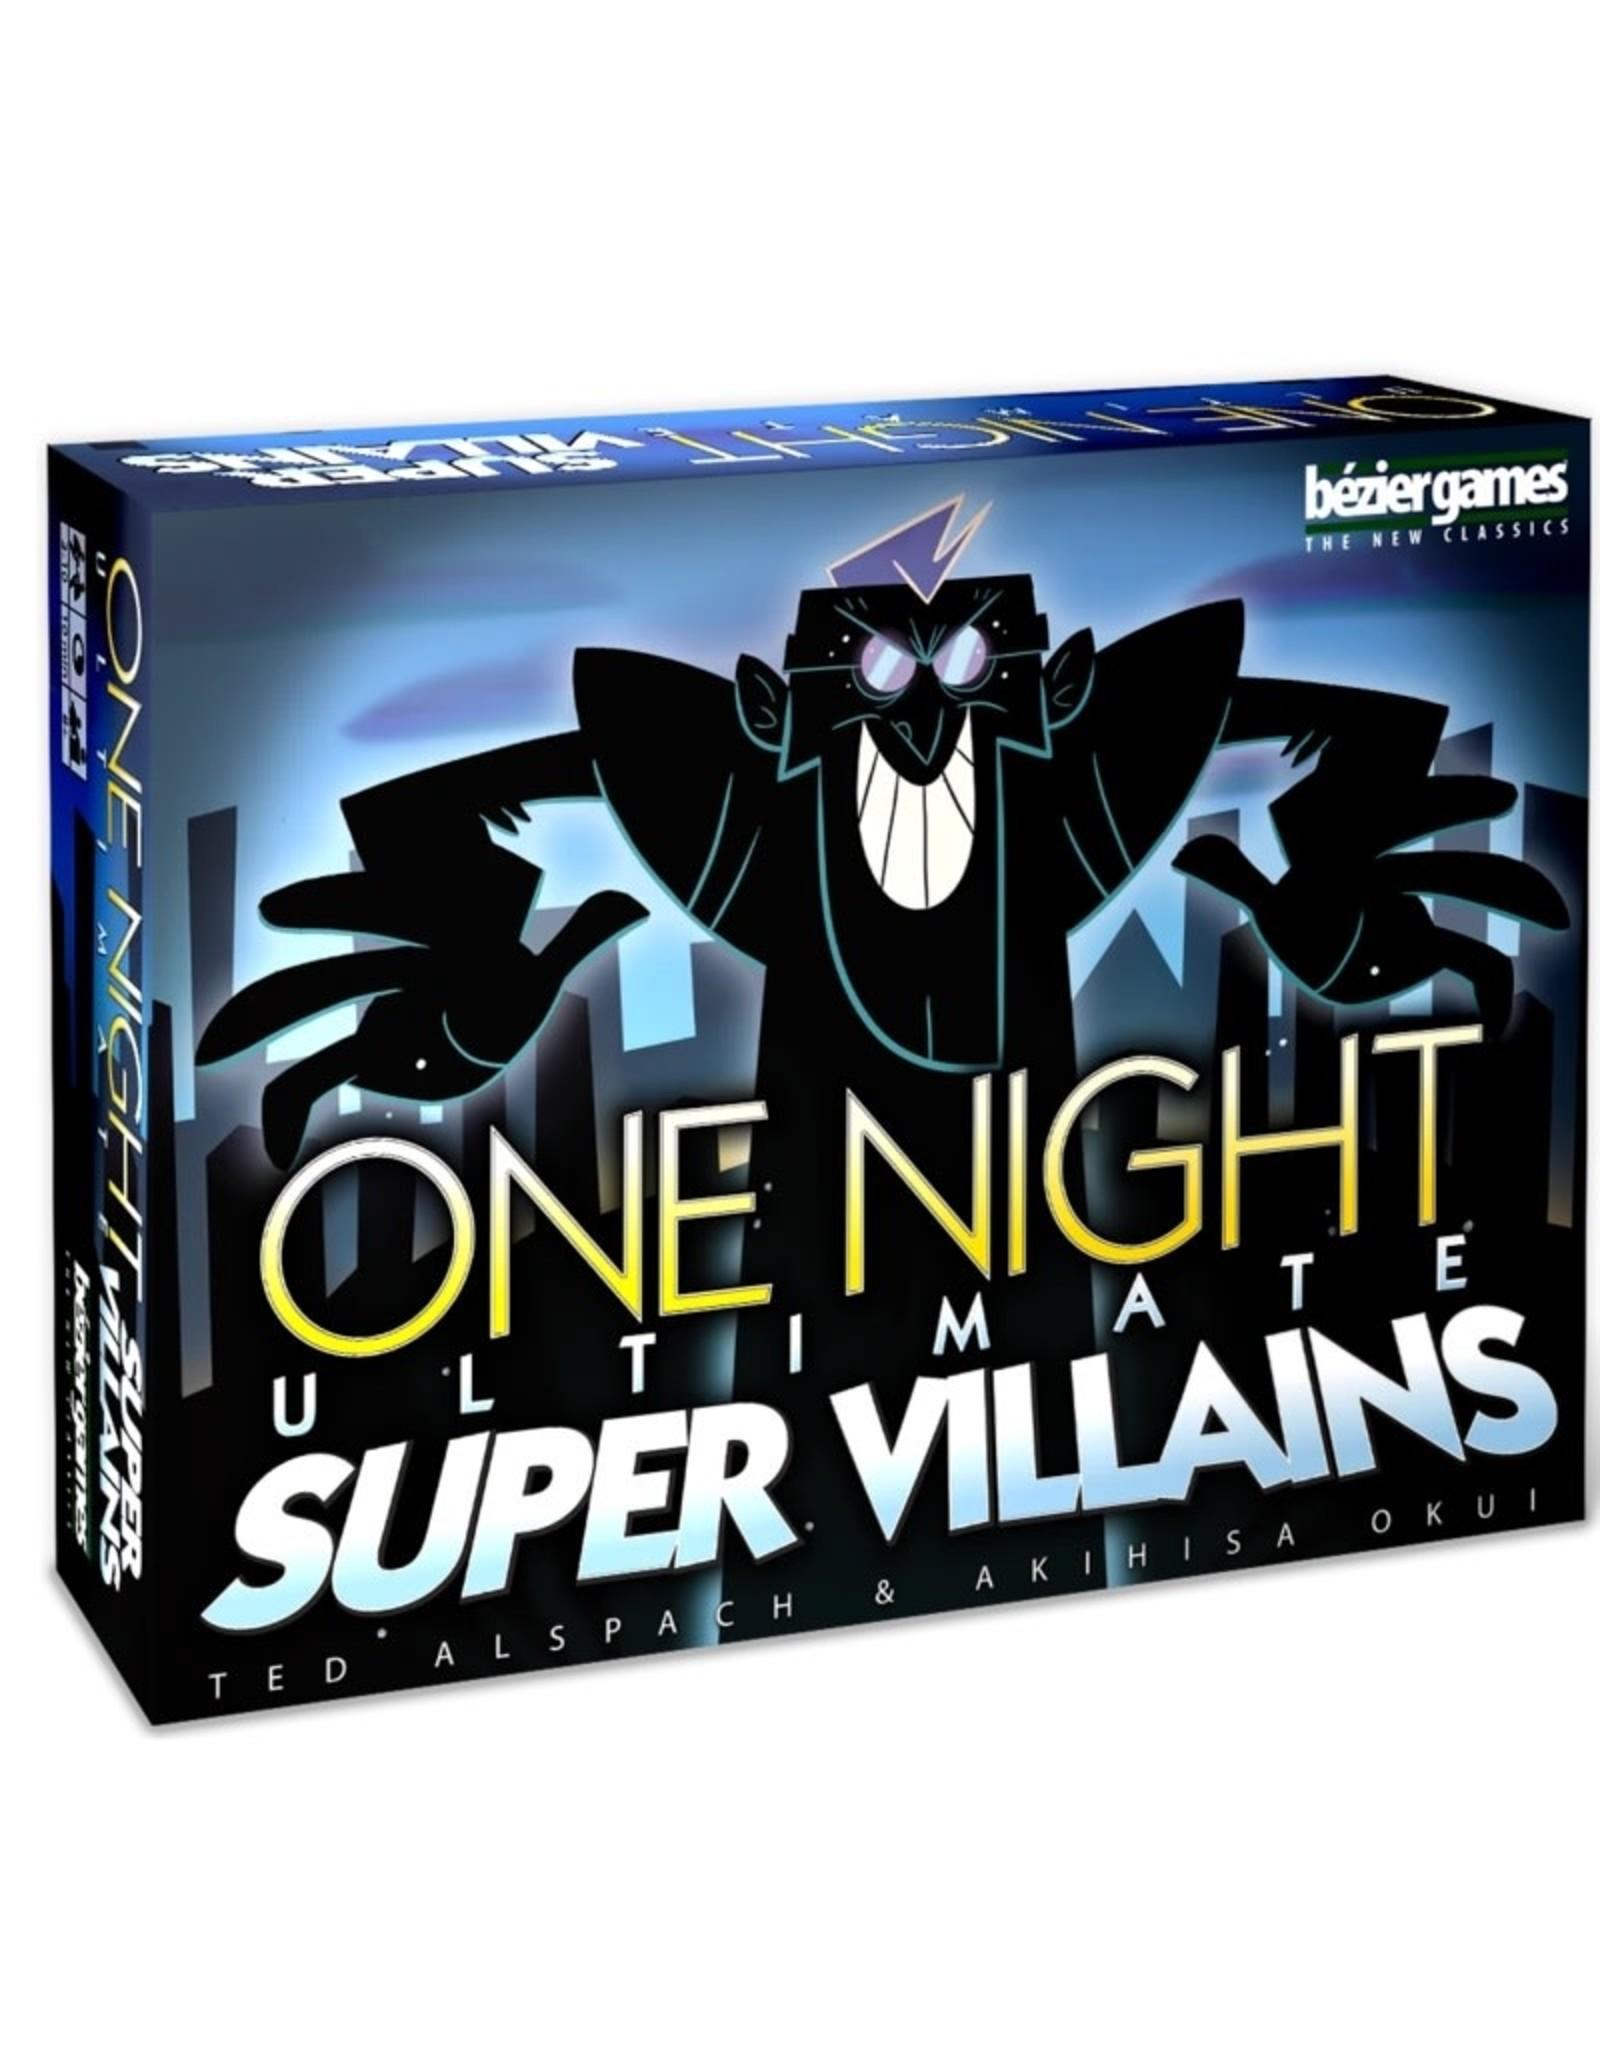 beziergames One Night Super Villains